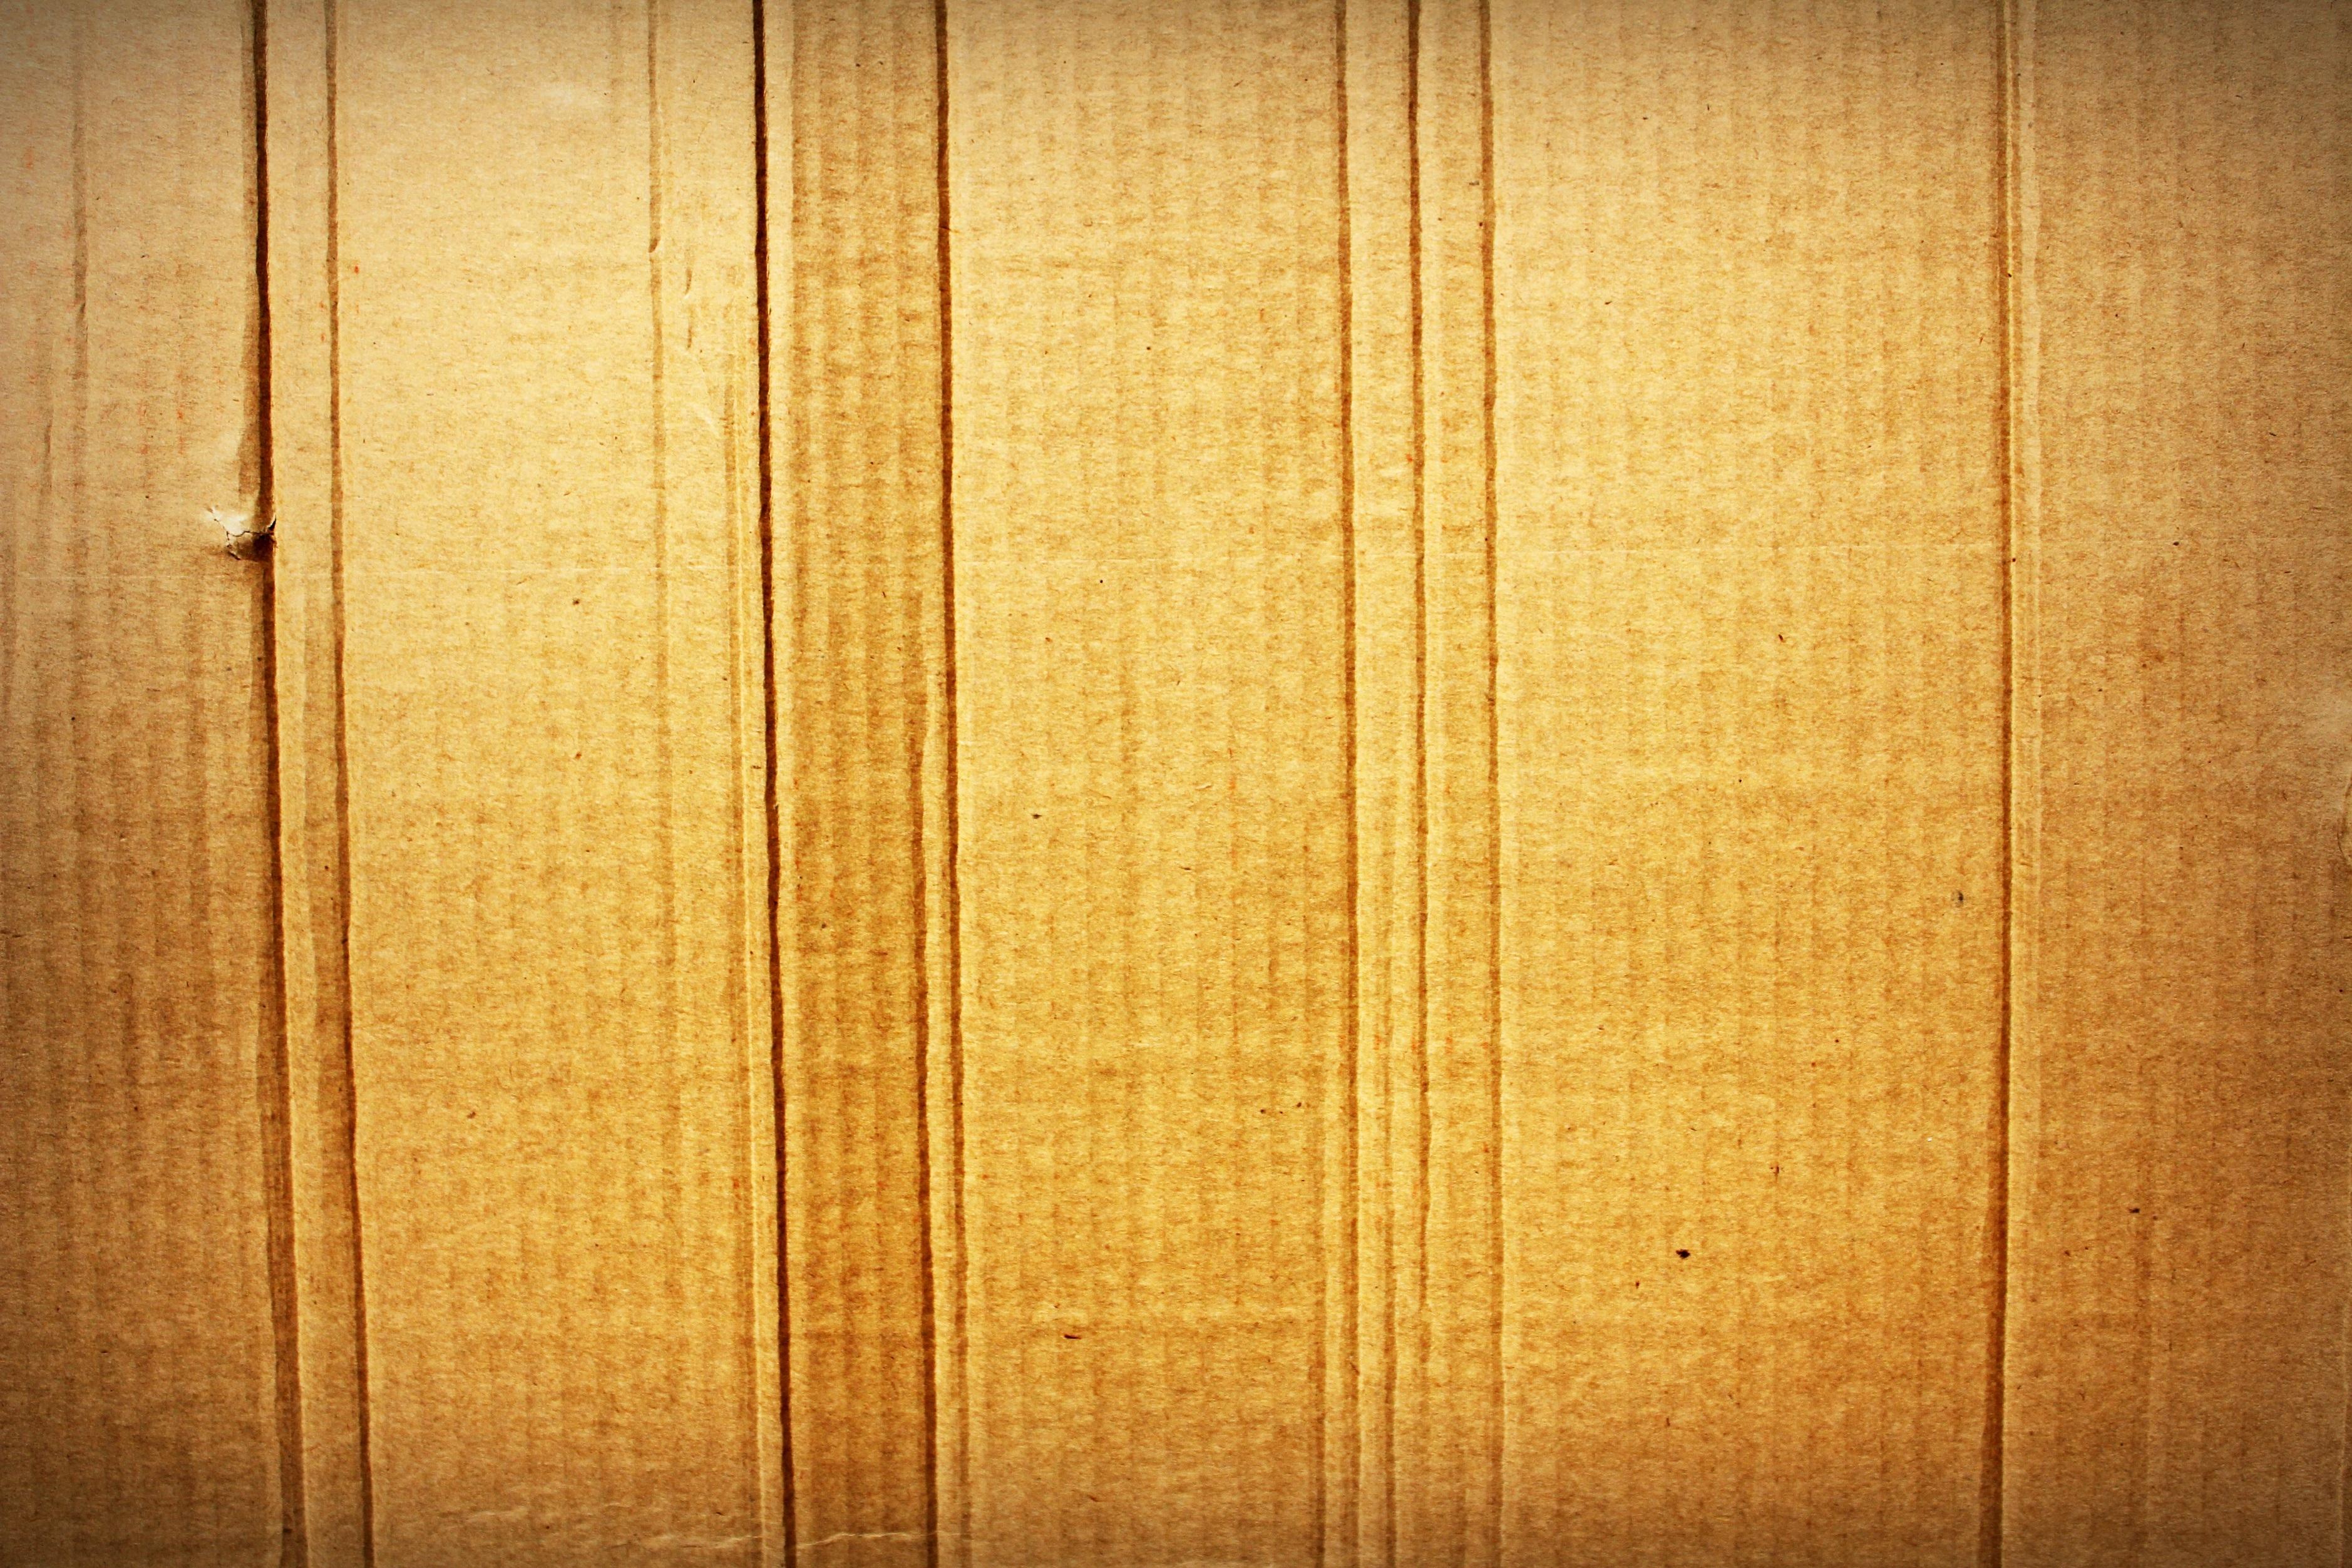 Gambar Abstrak Naik Baris Vintage Tekstur Lantai Karat Pola Garis Makro Ruang